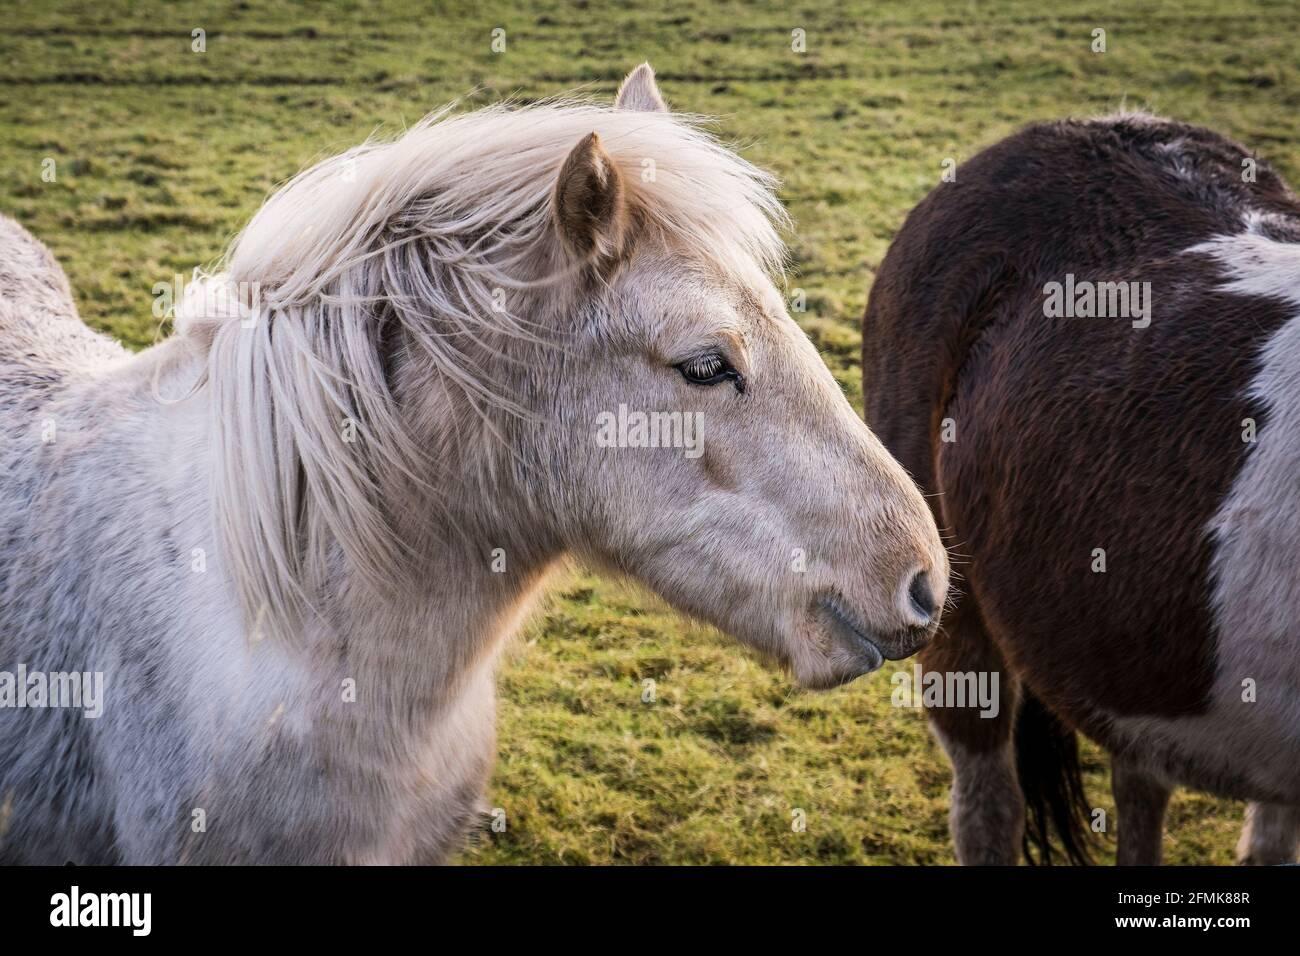 Ponis de Bodmin en Bodmin Moor en Cornwall. Foto de stock